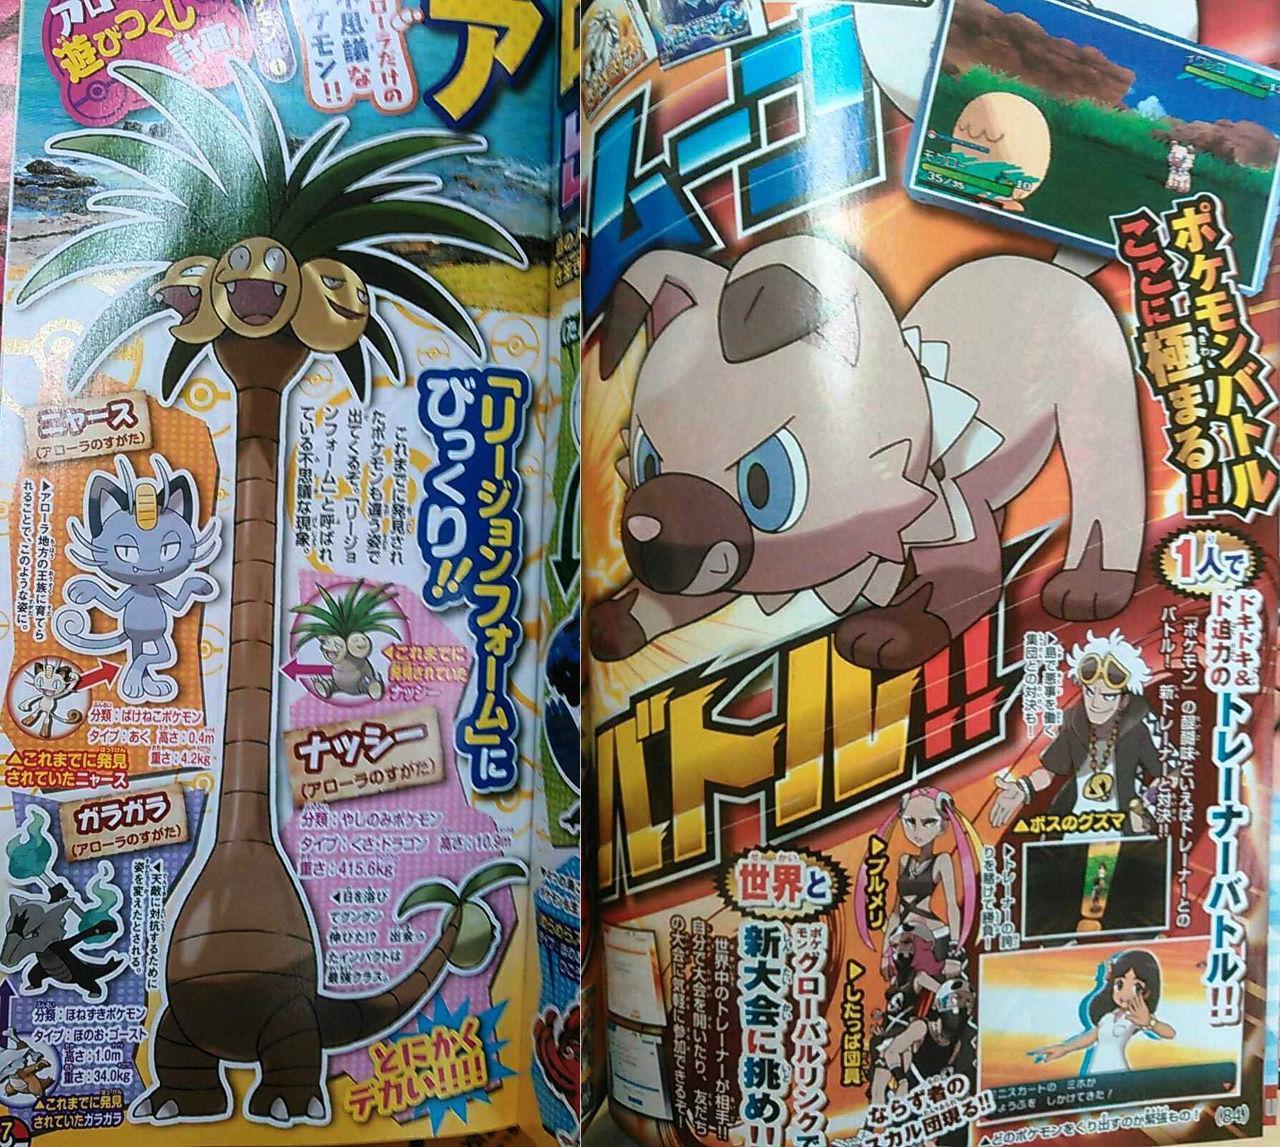 Videojuego >> Pokémon Sol y Pokémon Luna (23 de Noviembre) - Página 4 20168910487_2